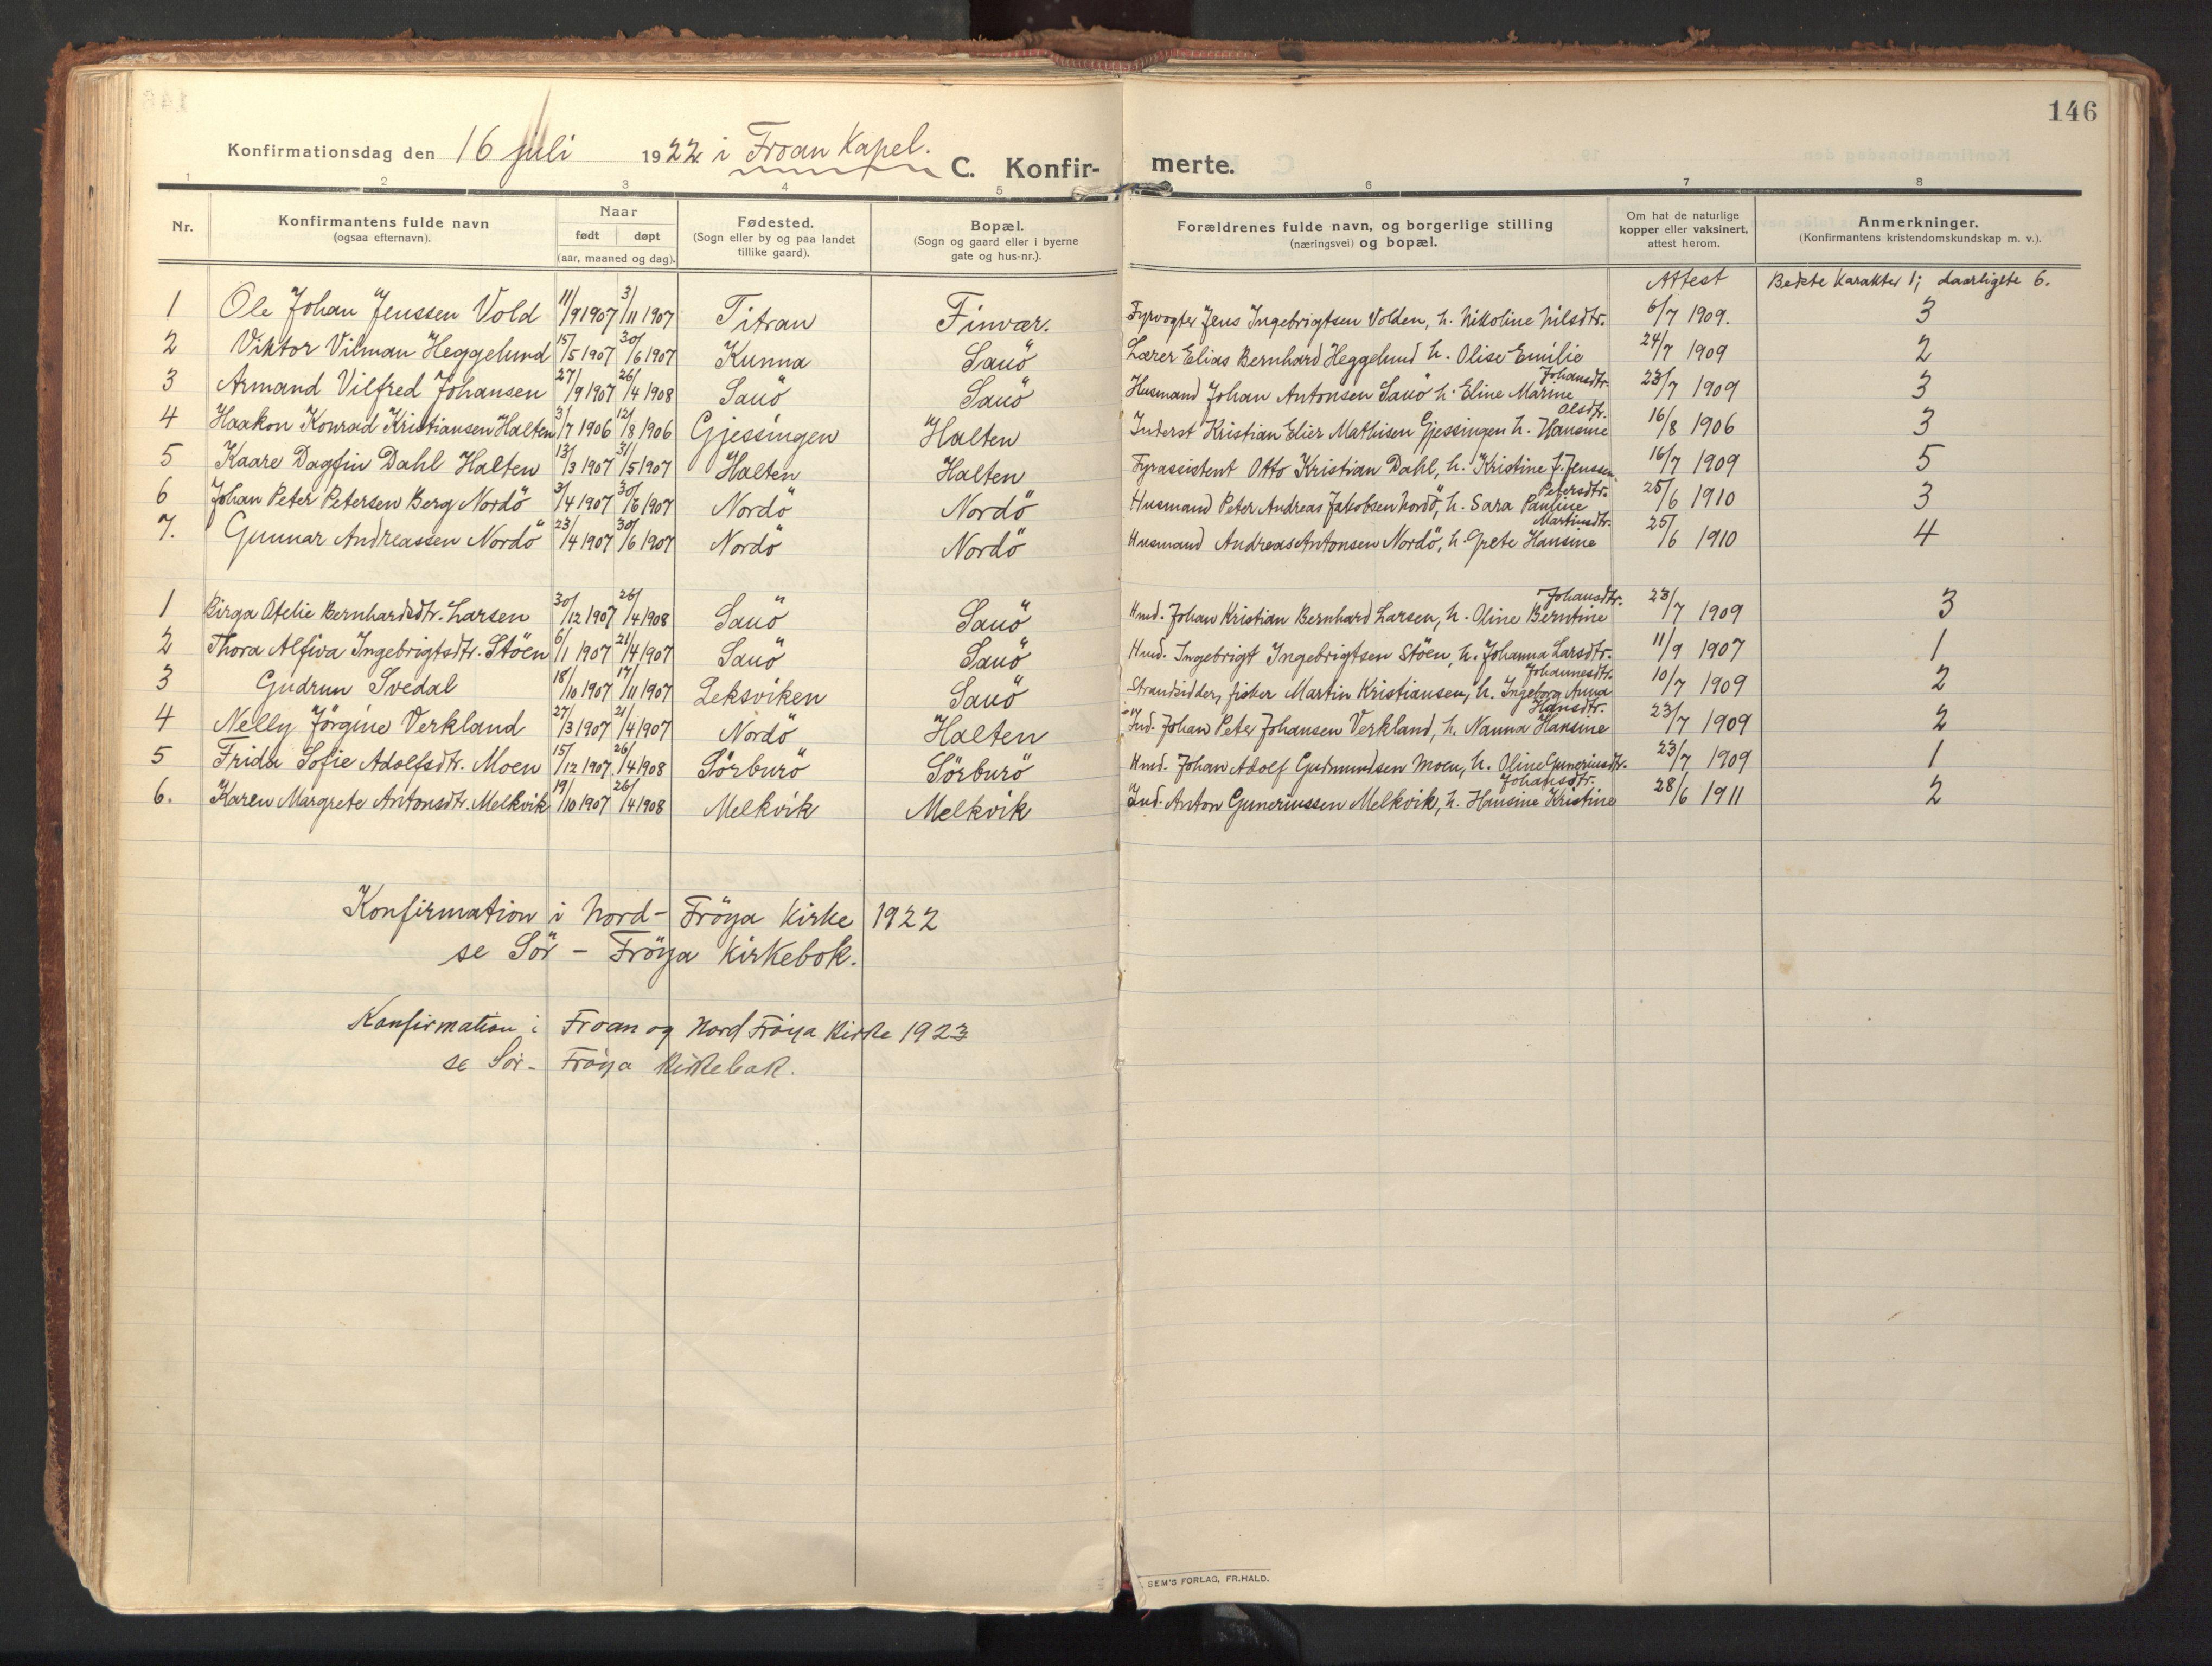 SAT, Ministerialprotokoller, klokkerbøker og fødselsregistre - Sør-Trøndelag, 640/L0581: Ministerialbok nr. 640A06, 1910-1924, s. 146